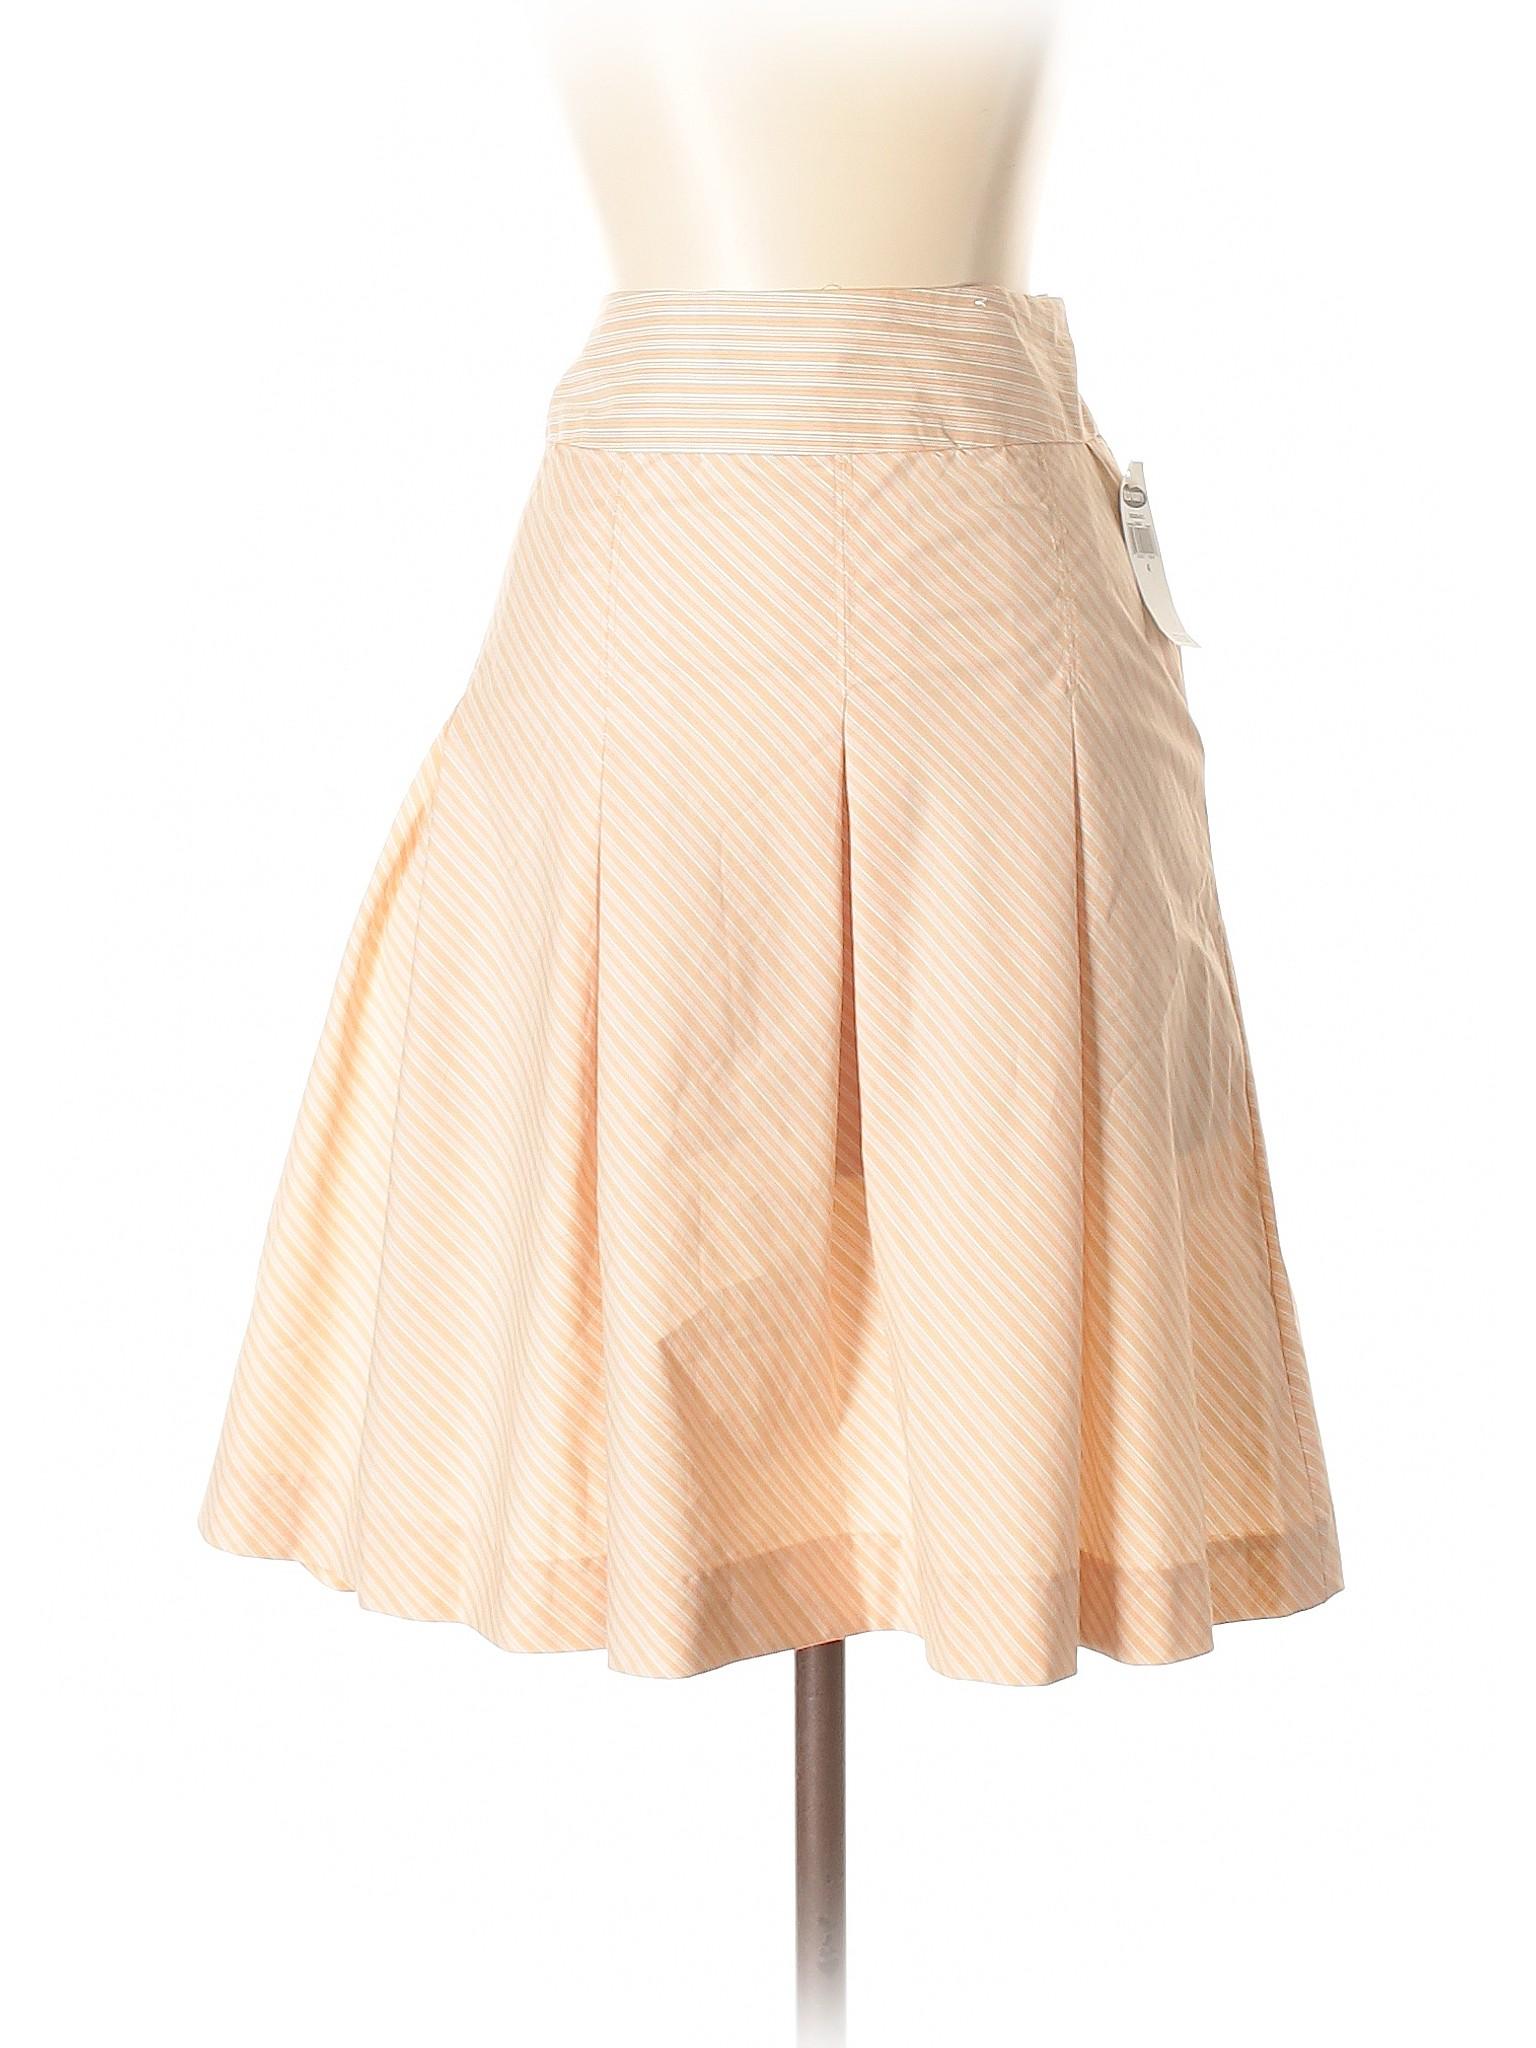 Boutique Casual Skirt Boutique Casual Skirt Boutique Casual TXq55WP8w1